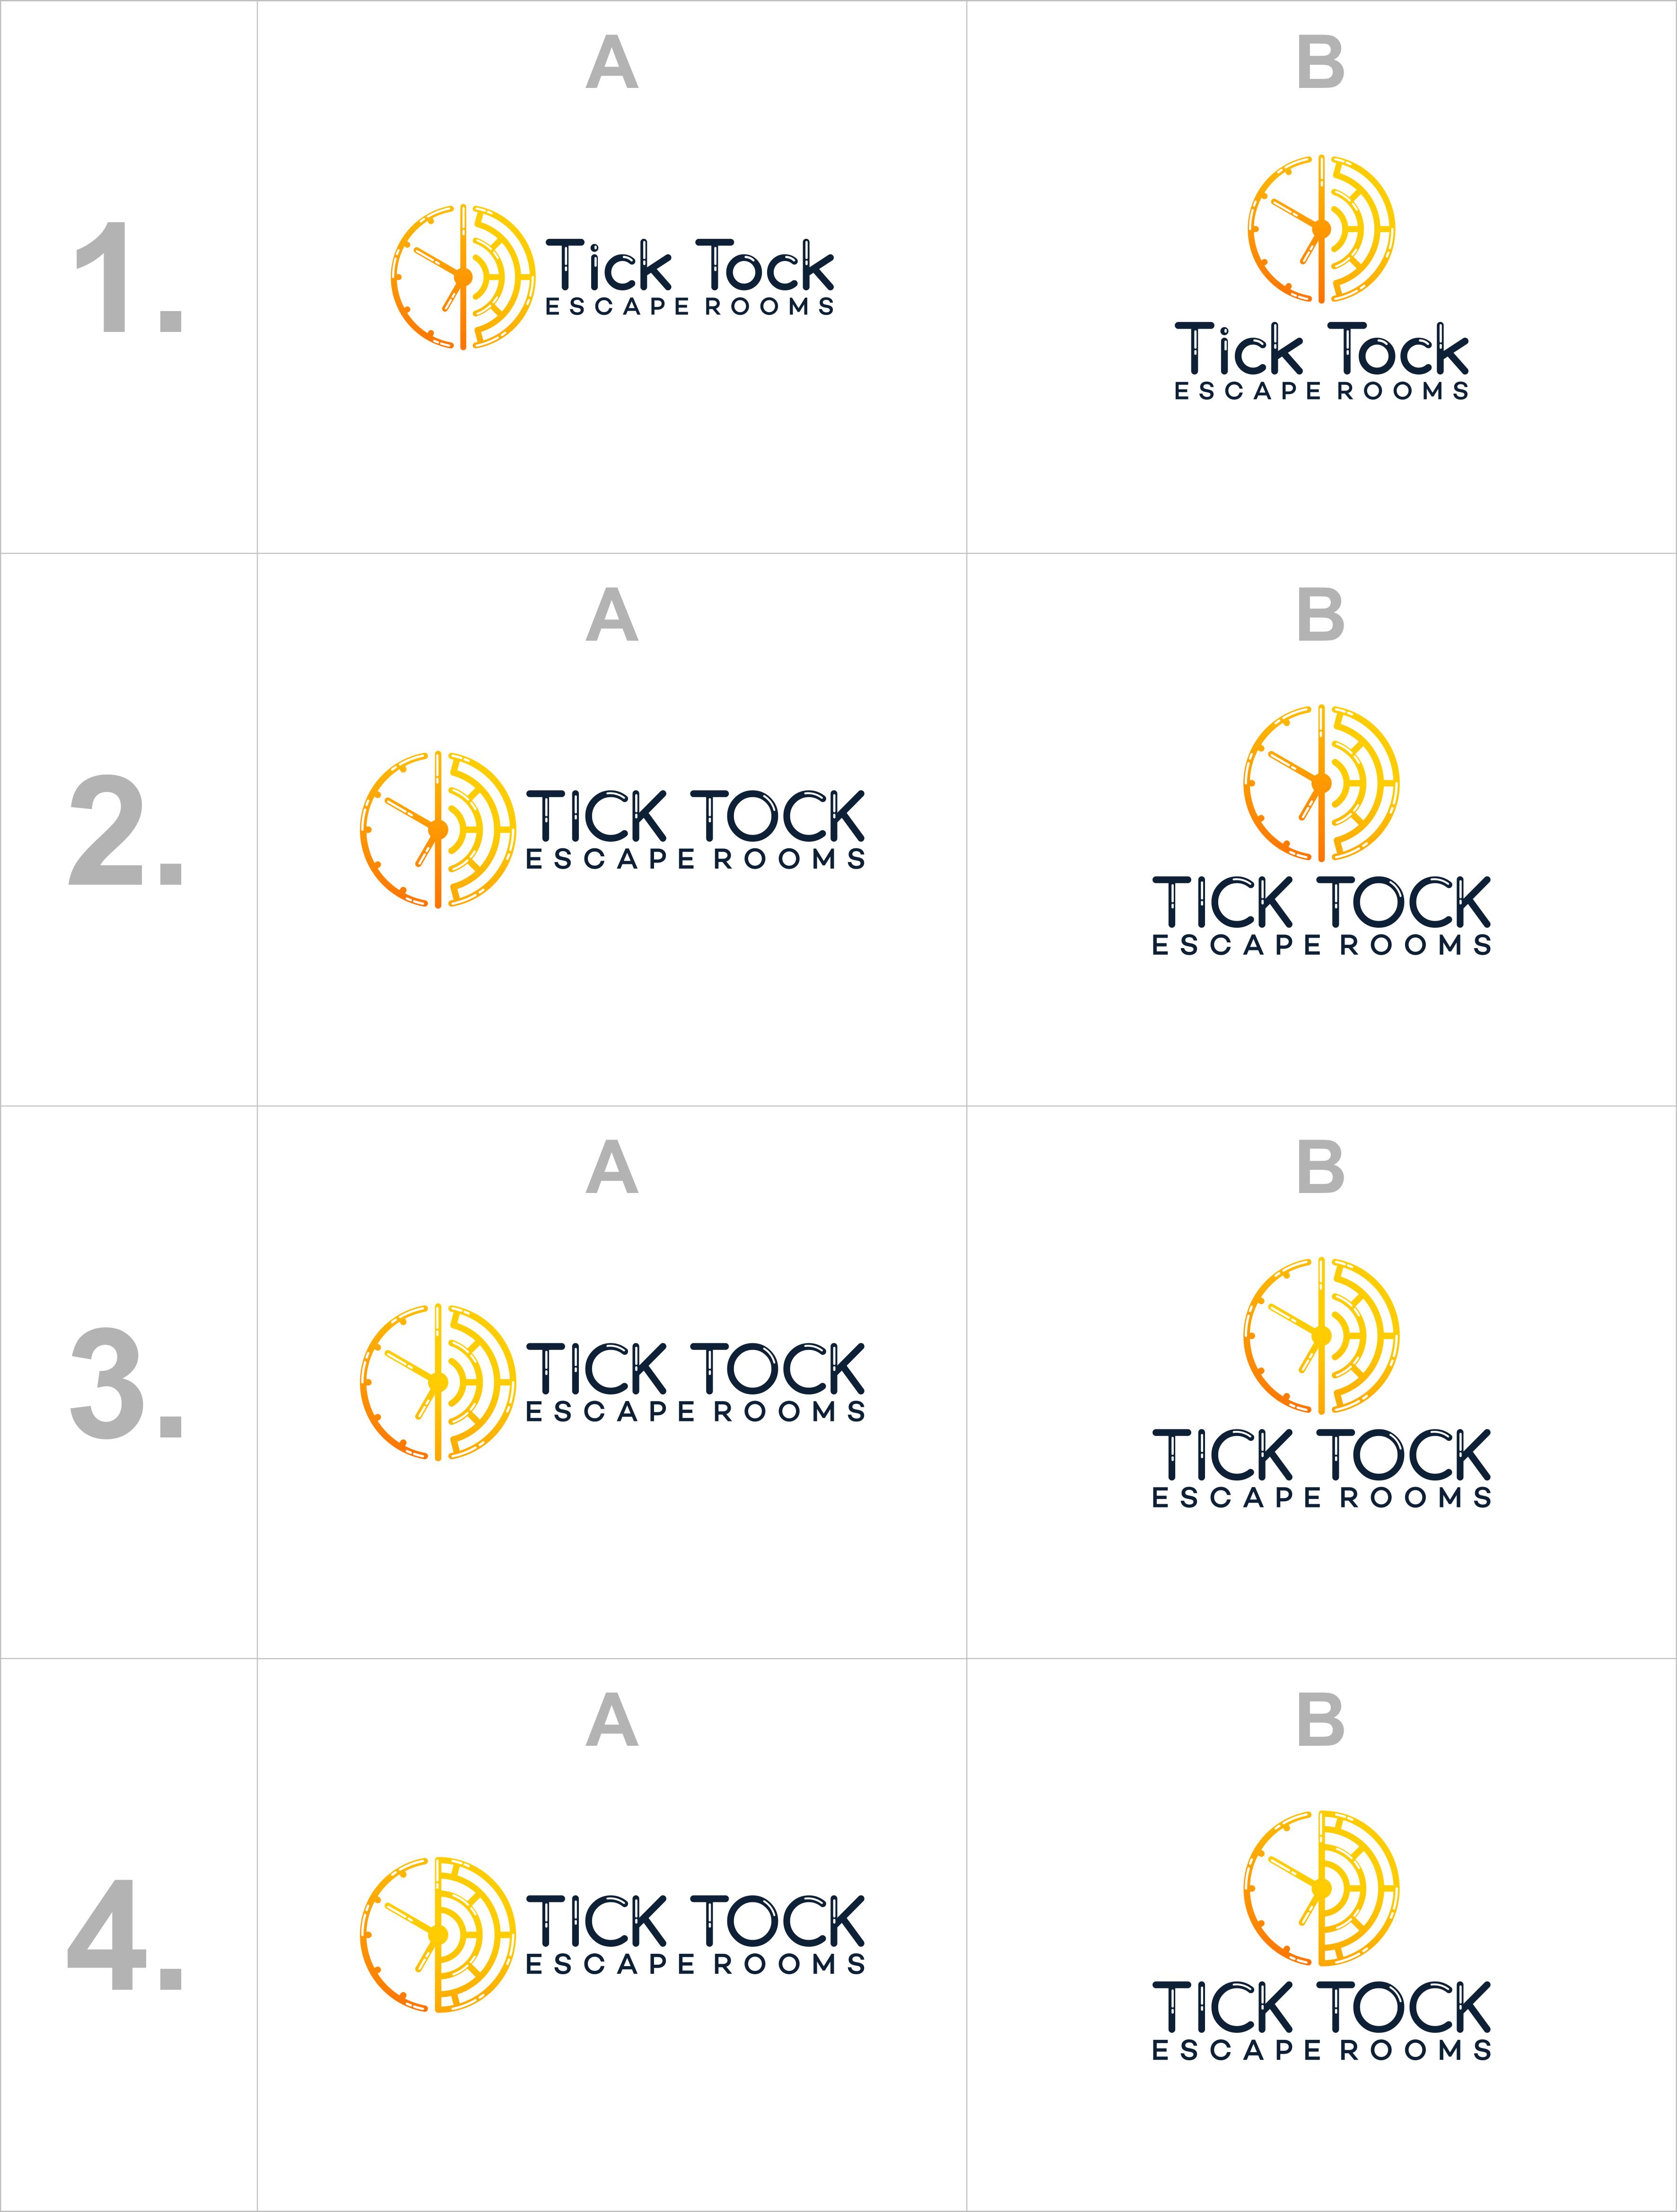 Tick Tock escape rooms need a creative & fun logo